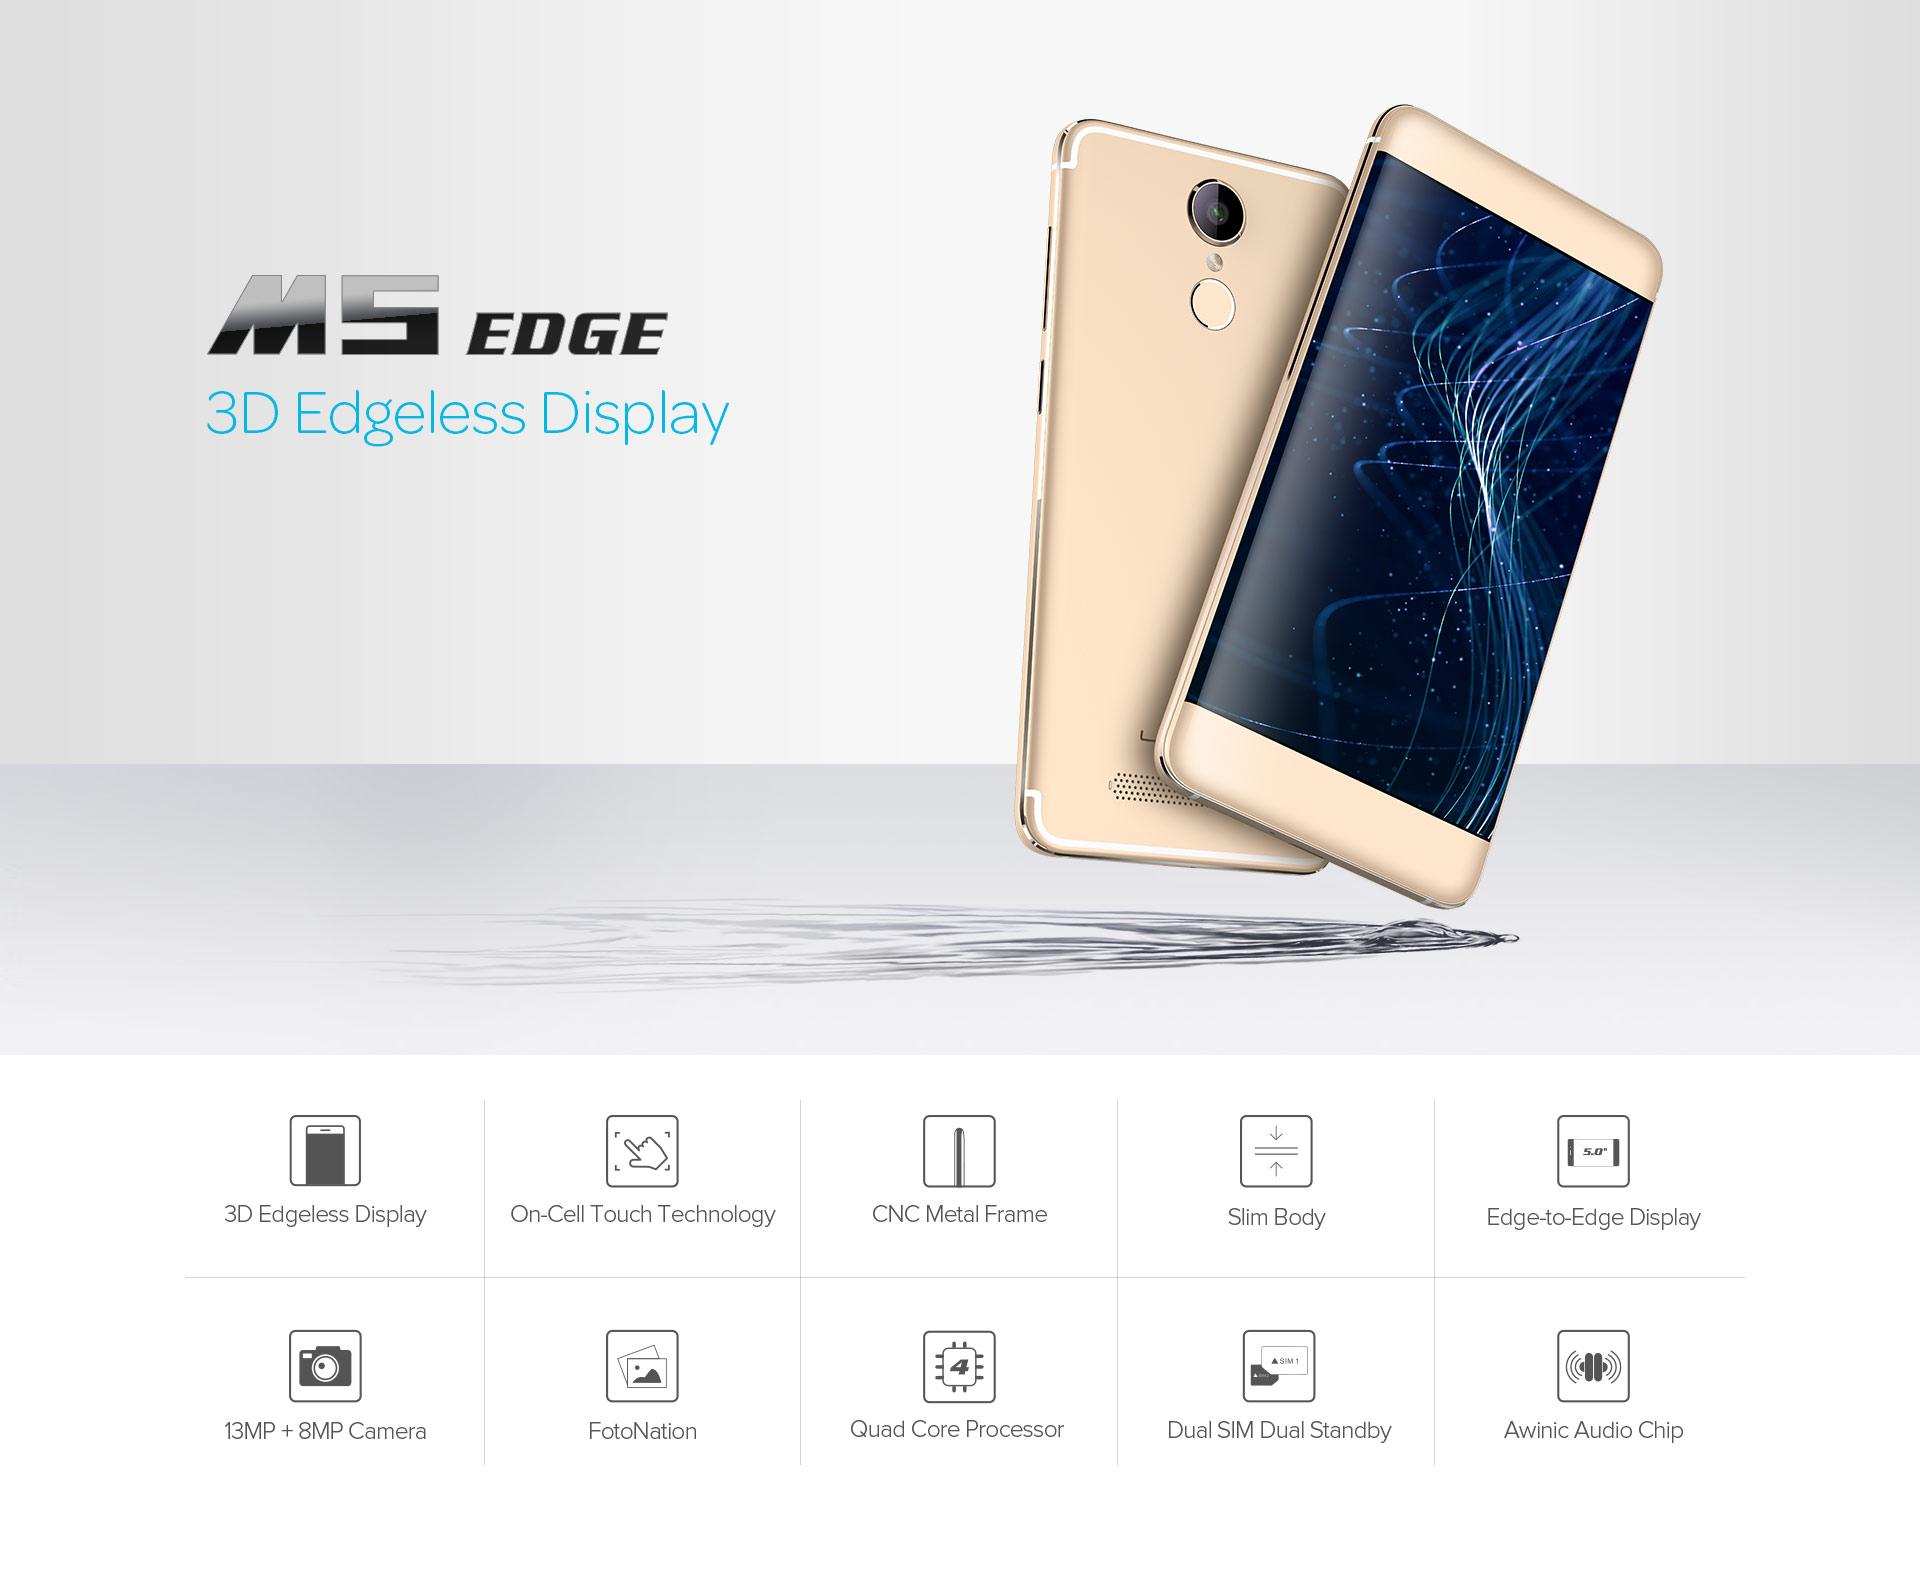 Leagoo M5 Edge